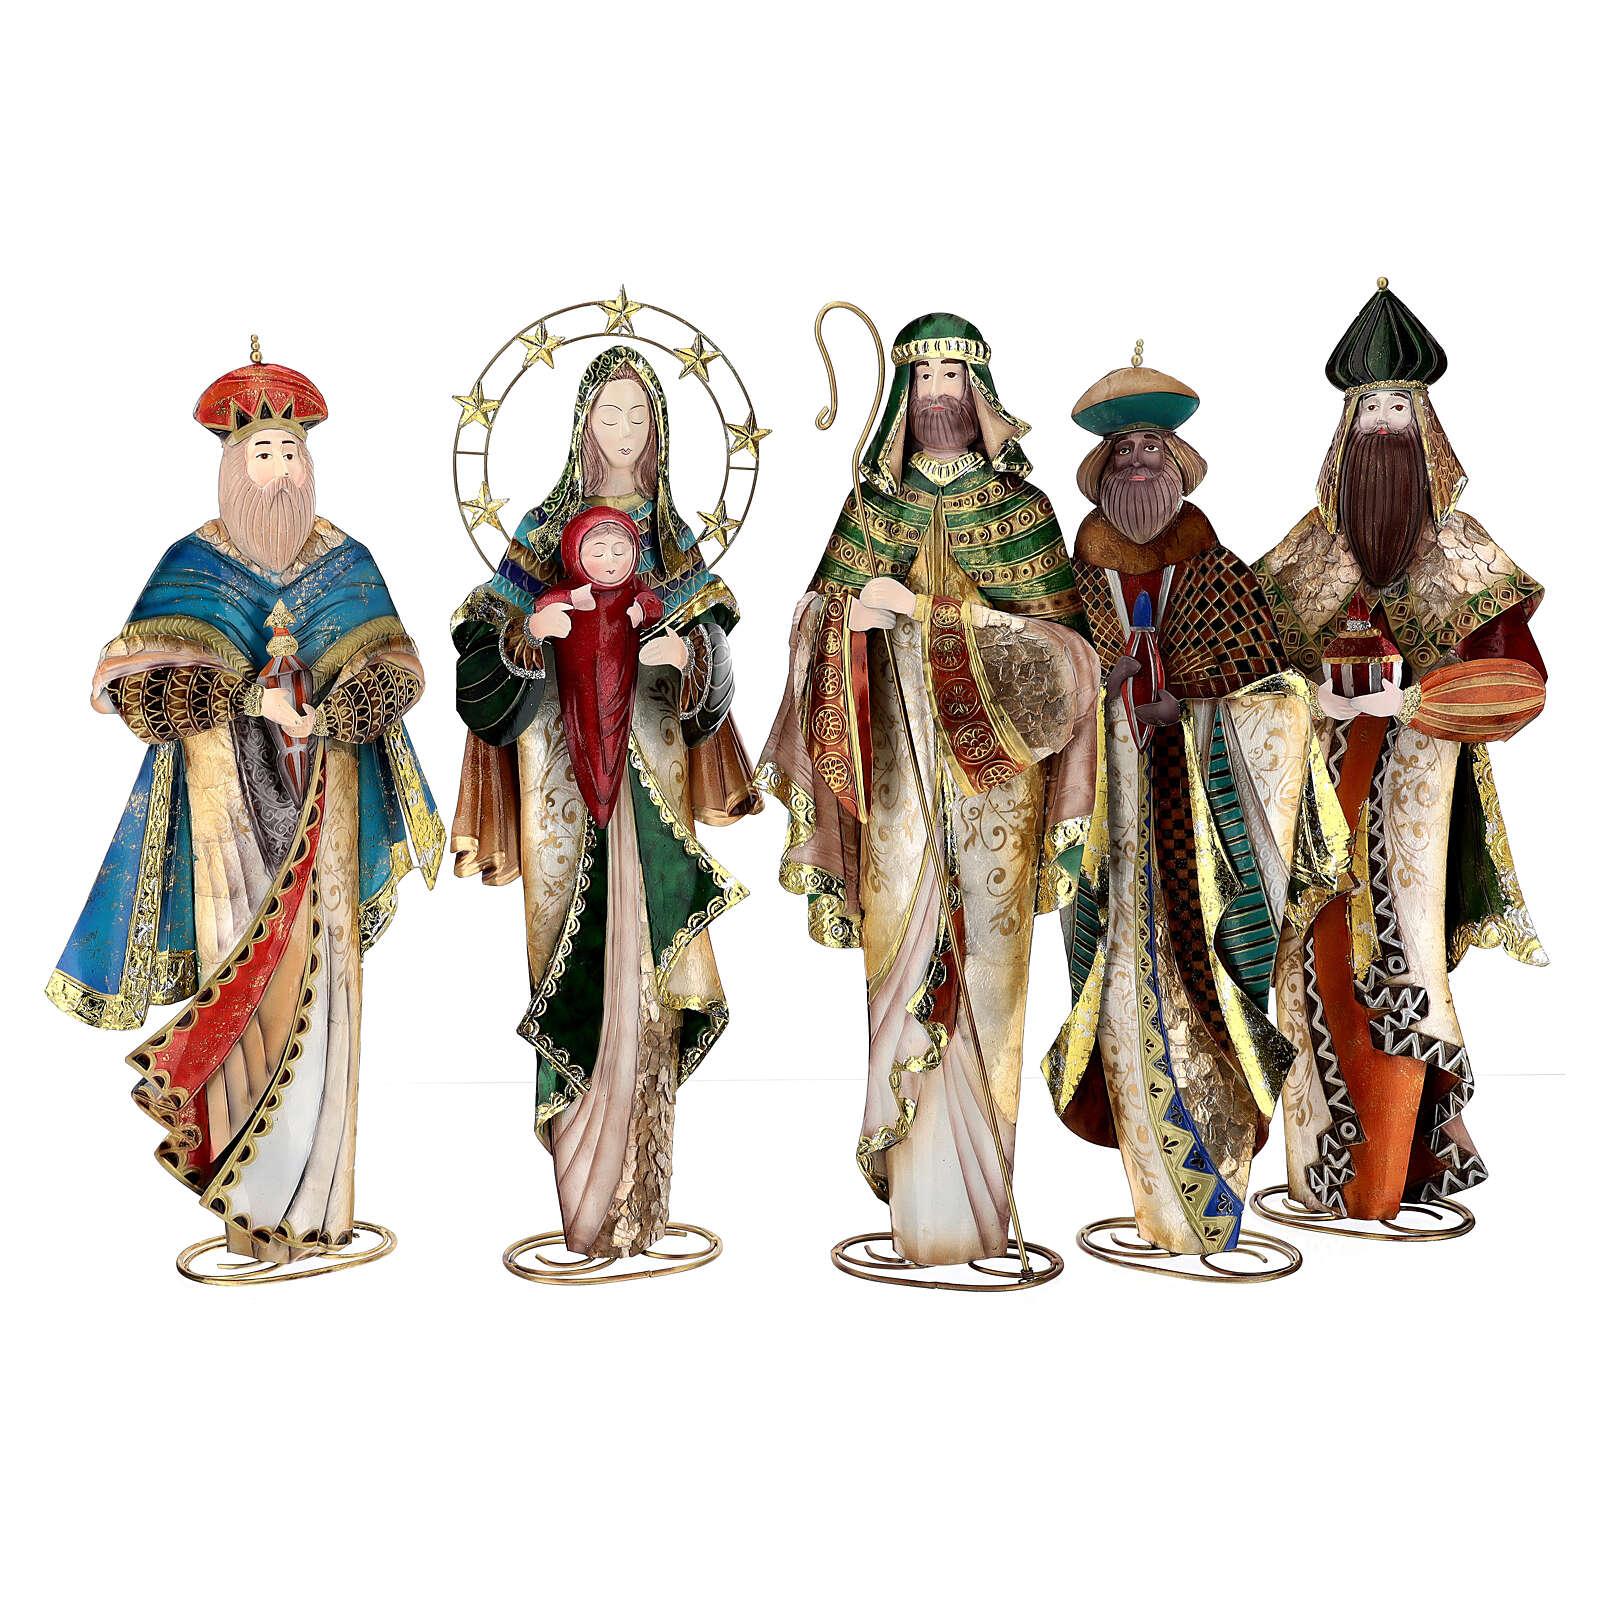 Presépio de Natal Natividade estilizada em metal com Reis Magos 63x25x10 cm 4